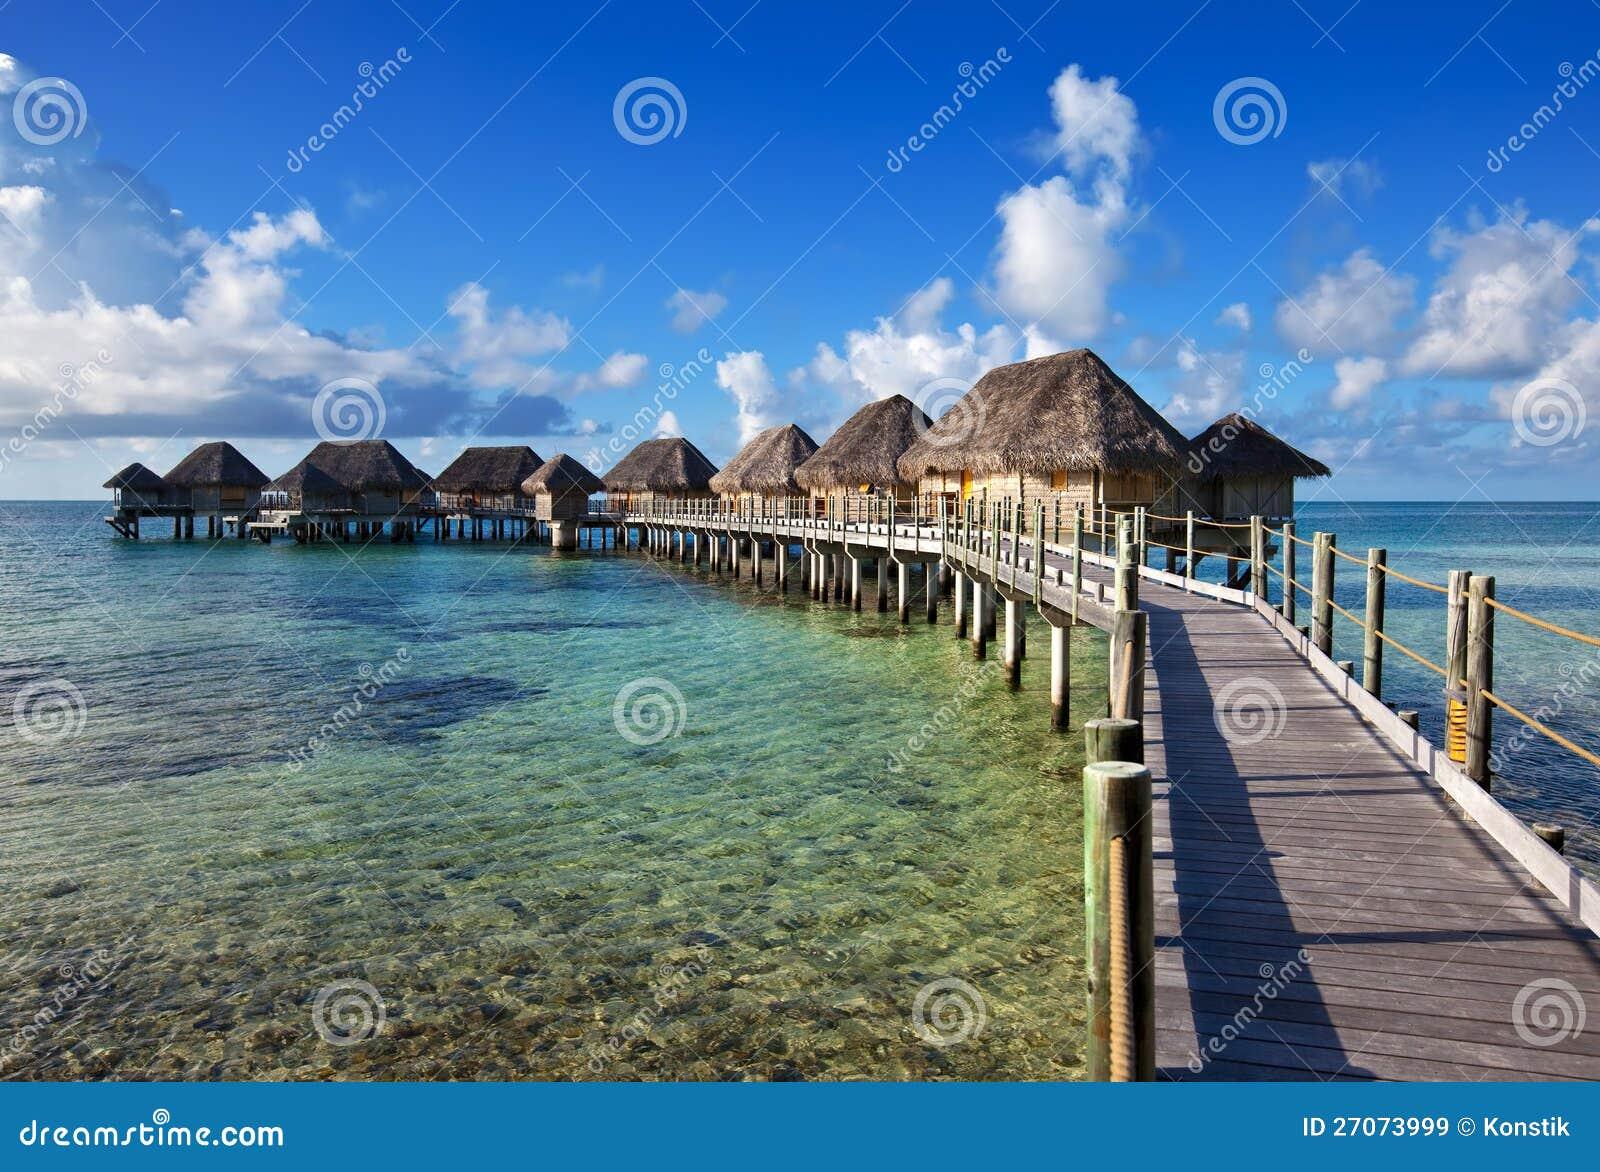 Pequeñas Casas Sobre El Mar. Mar Tropical Un Paisaje Imagen de ...